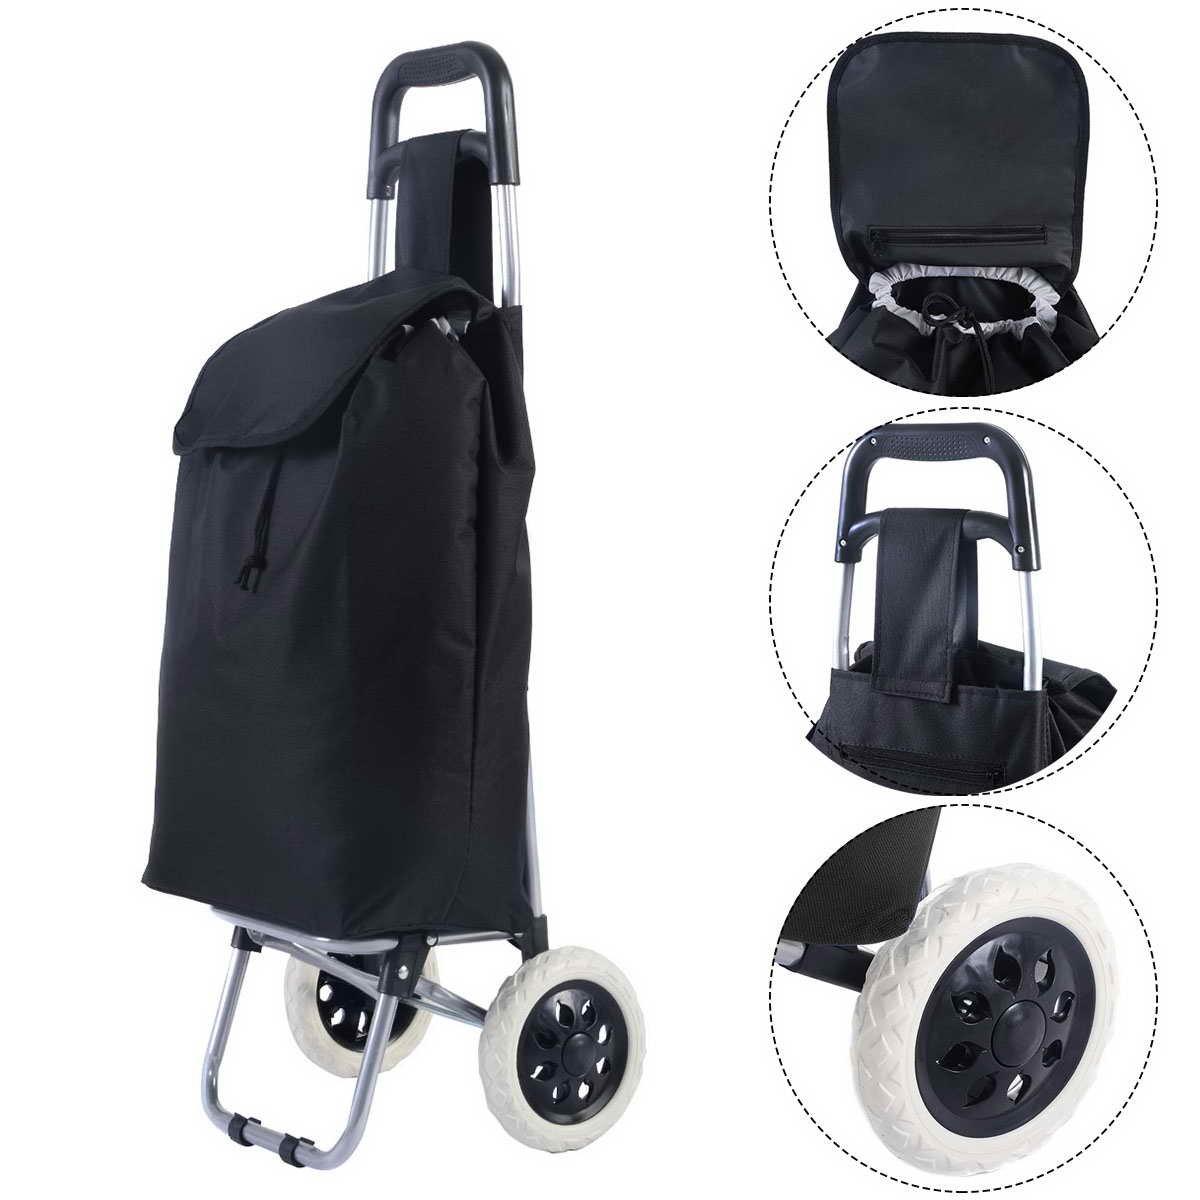 Einkaufstrolley Einkaufsroller Einkaufstasche Handwagen Einkaufswagen klappbar mit Rollen Schwarz Blitzzauber24